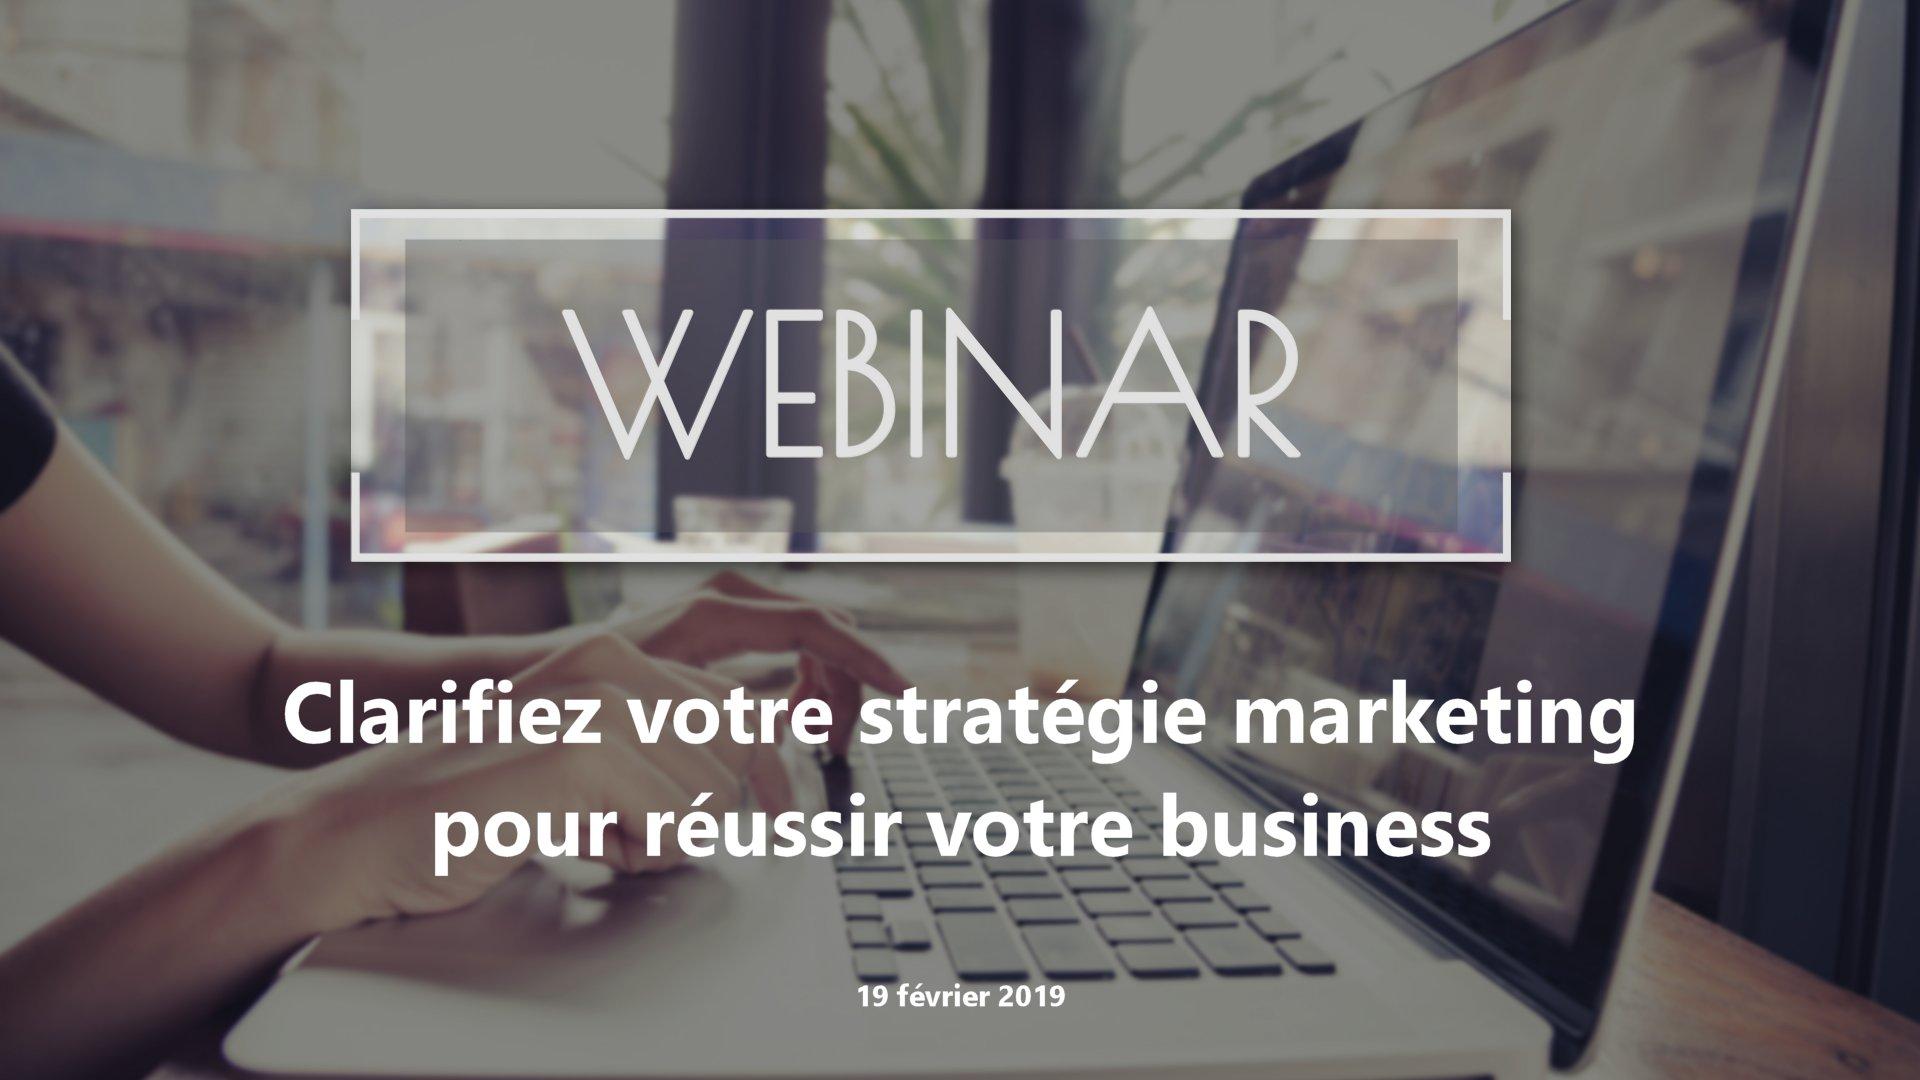 Clarifiez votre stratégie marketing pour réussir votre business